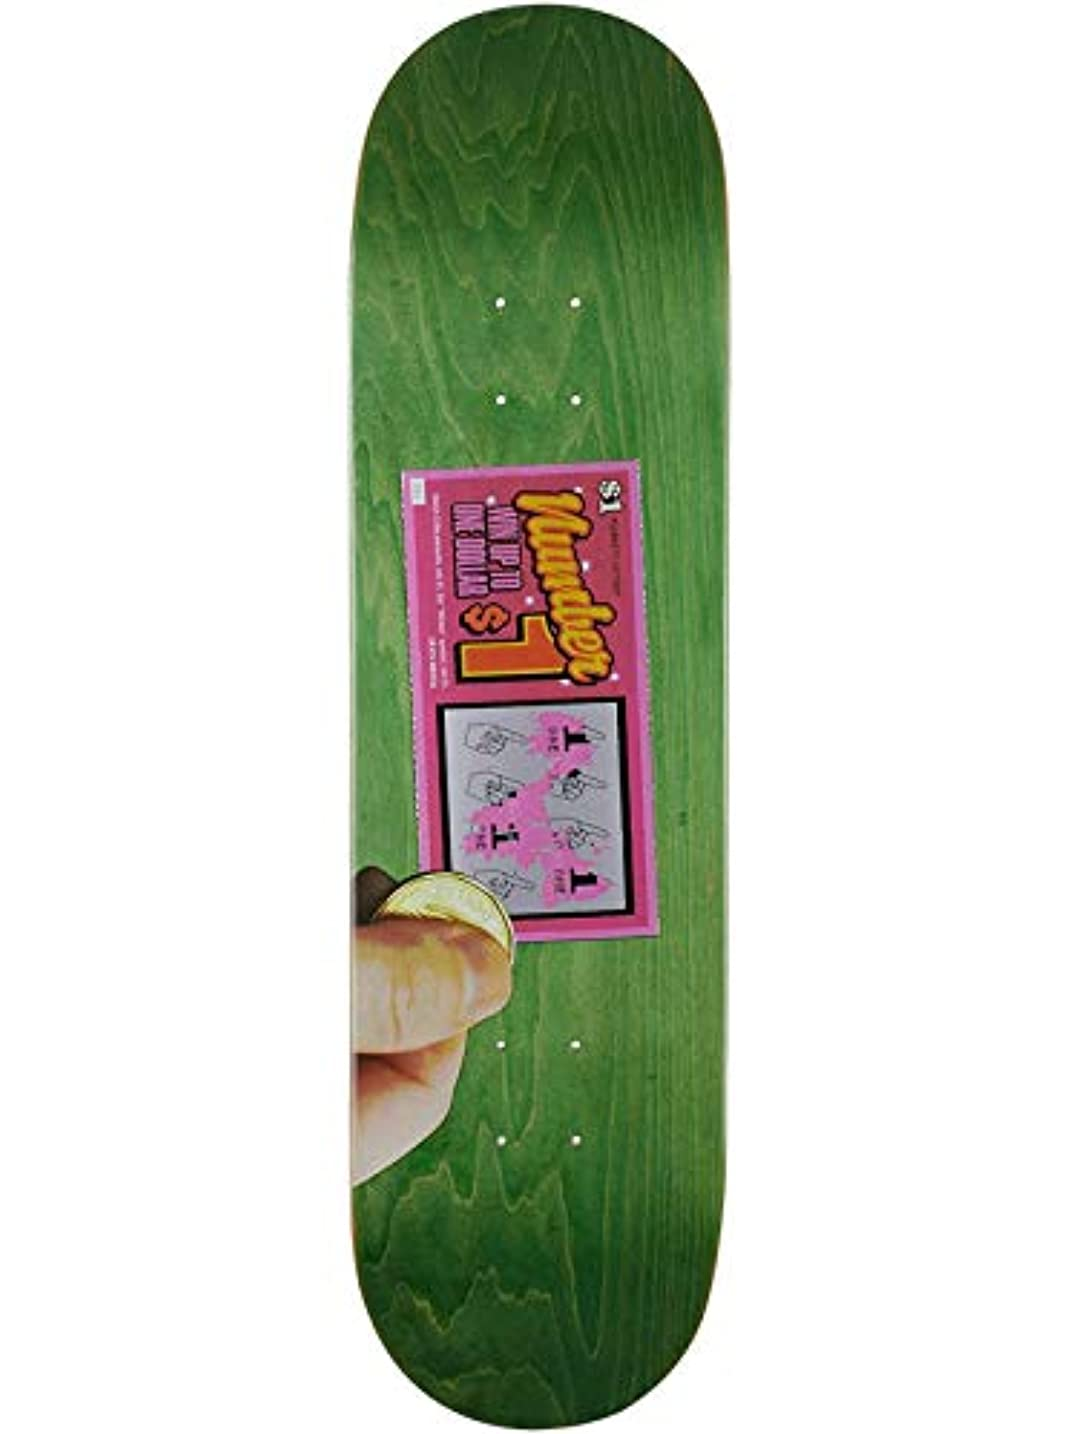 読書をするあいさつ代表団Skate Mental Green Plunkett Scratcher 8.25インチ スケートボードデッキ (デフォルト、グリーン)